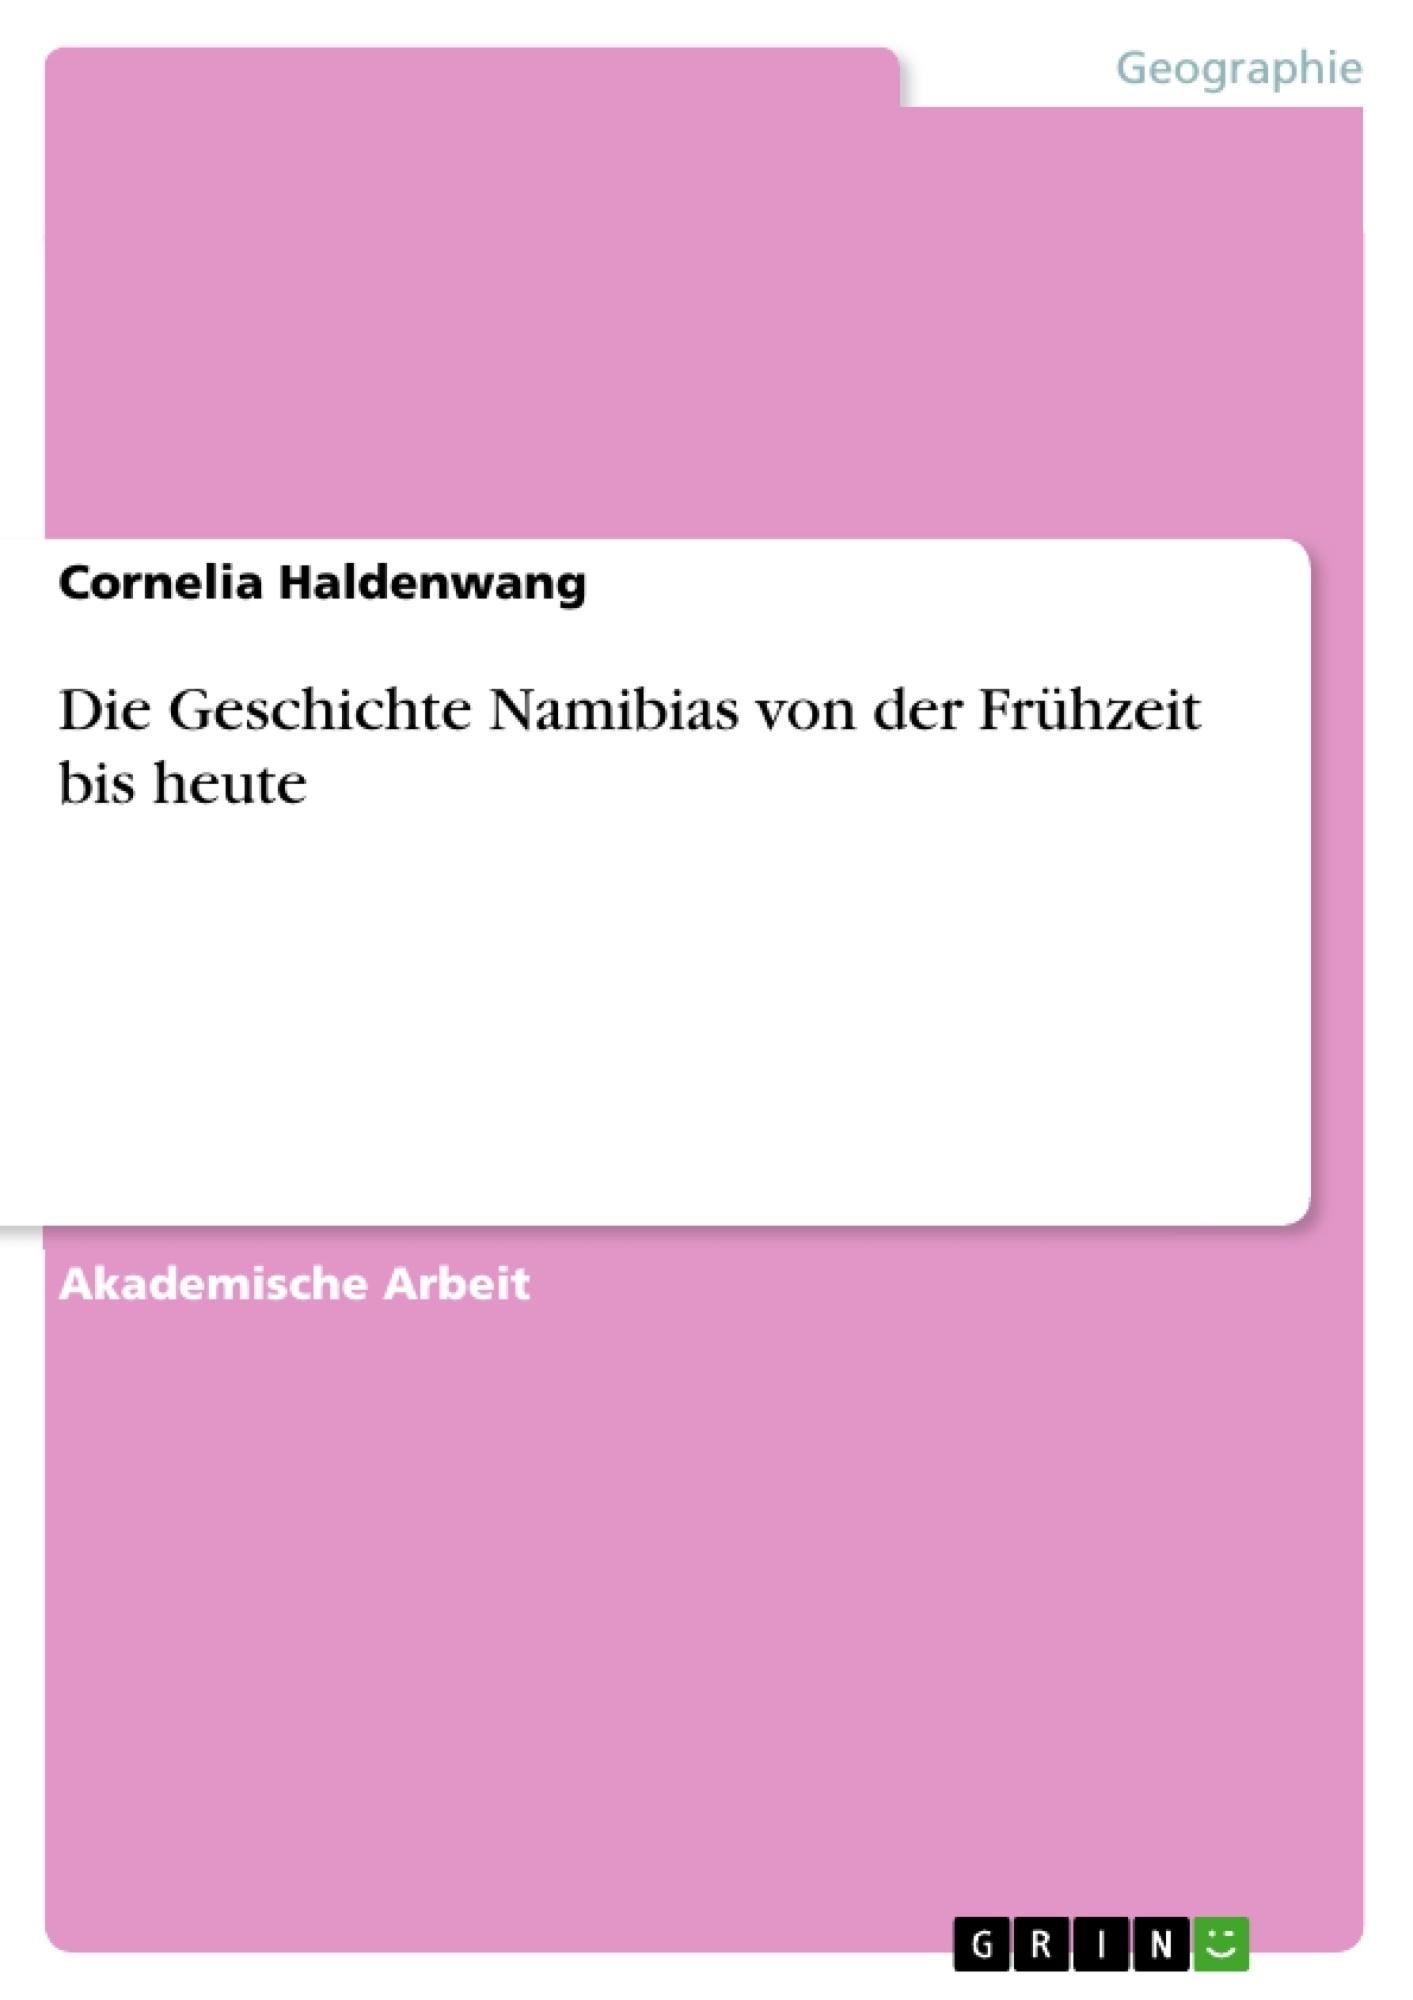 Titel: Die Geschichte Namibias von der Frühzeit bis heute